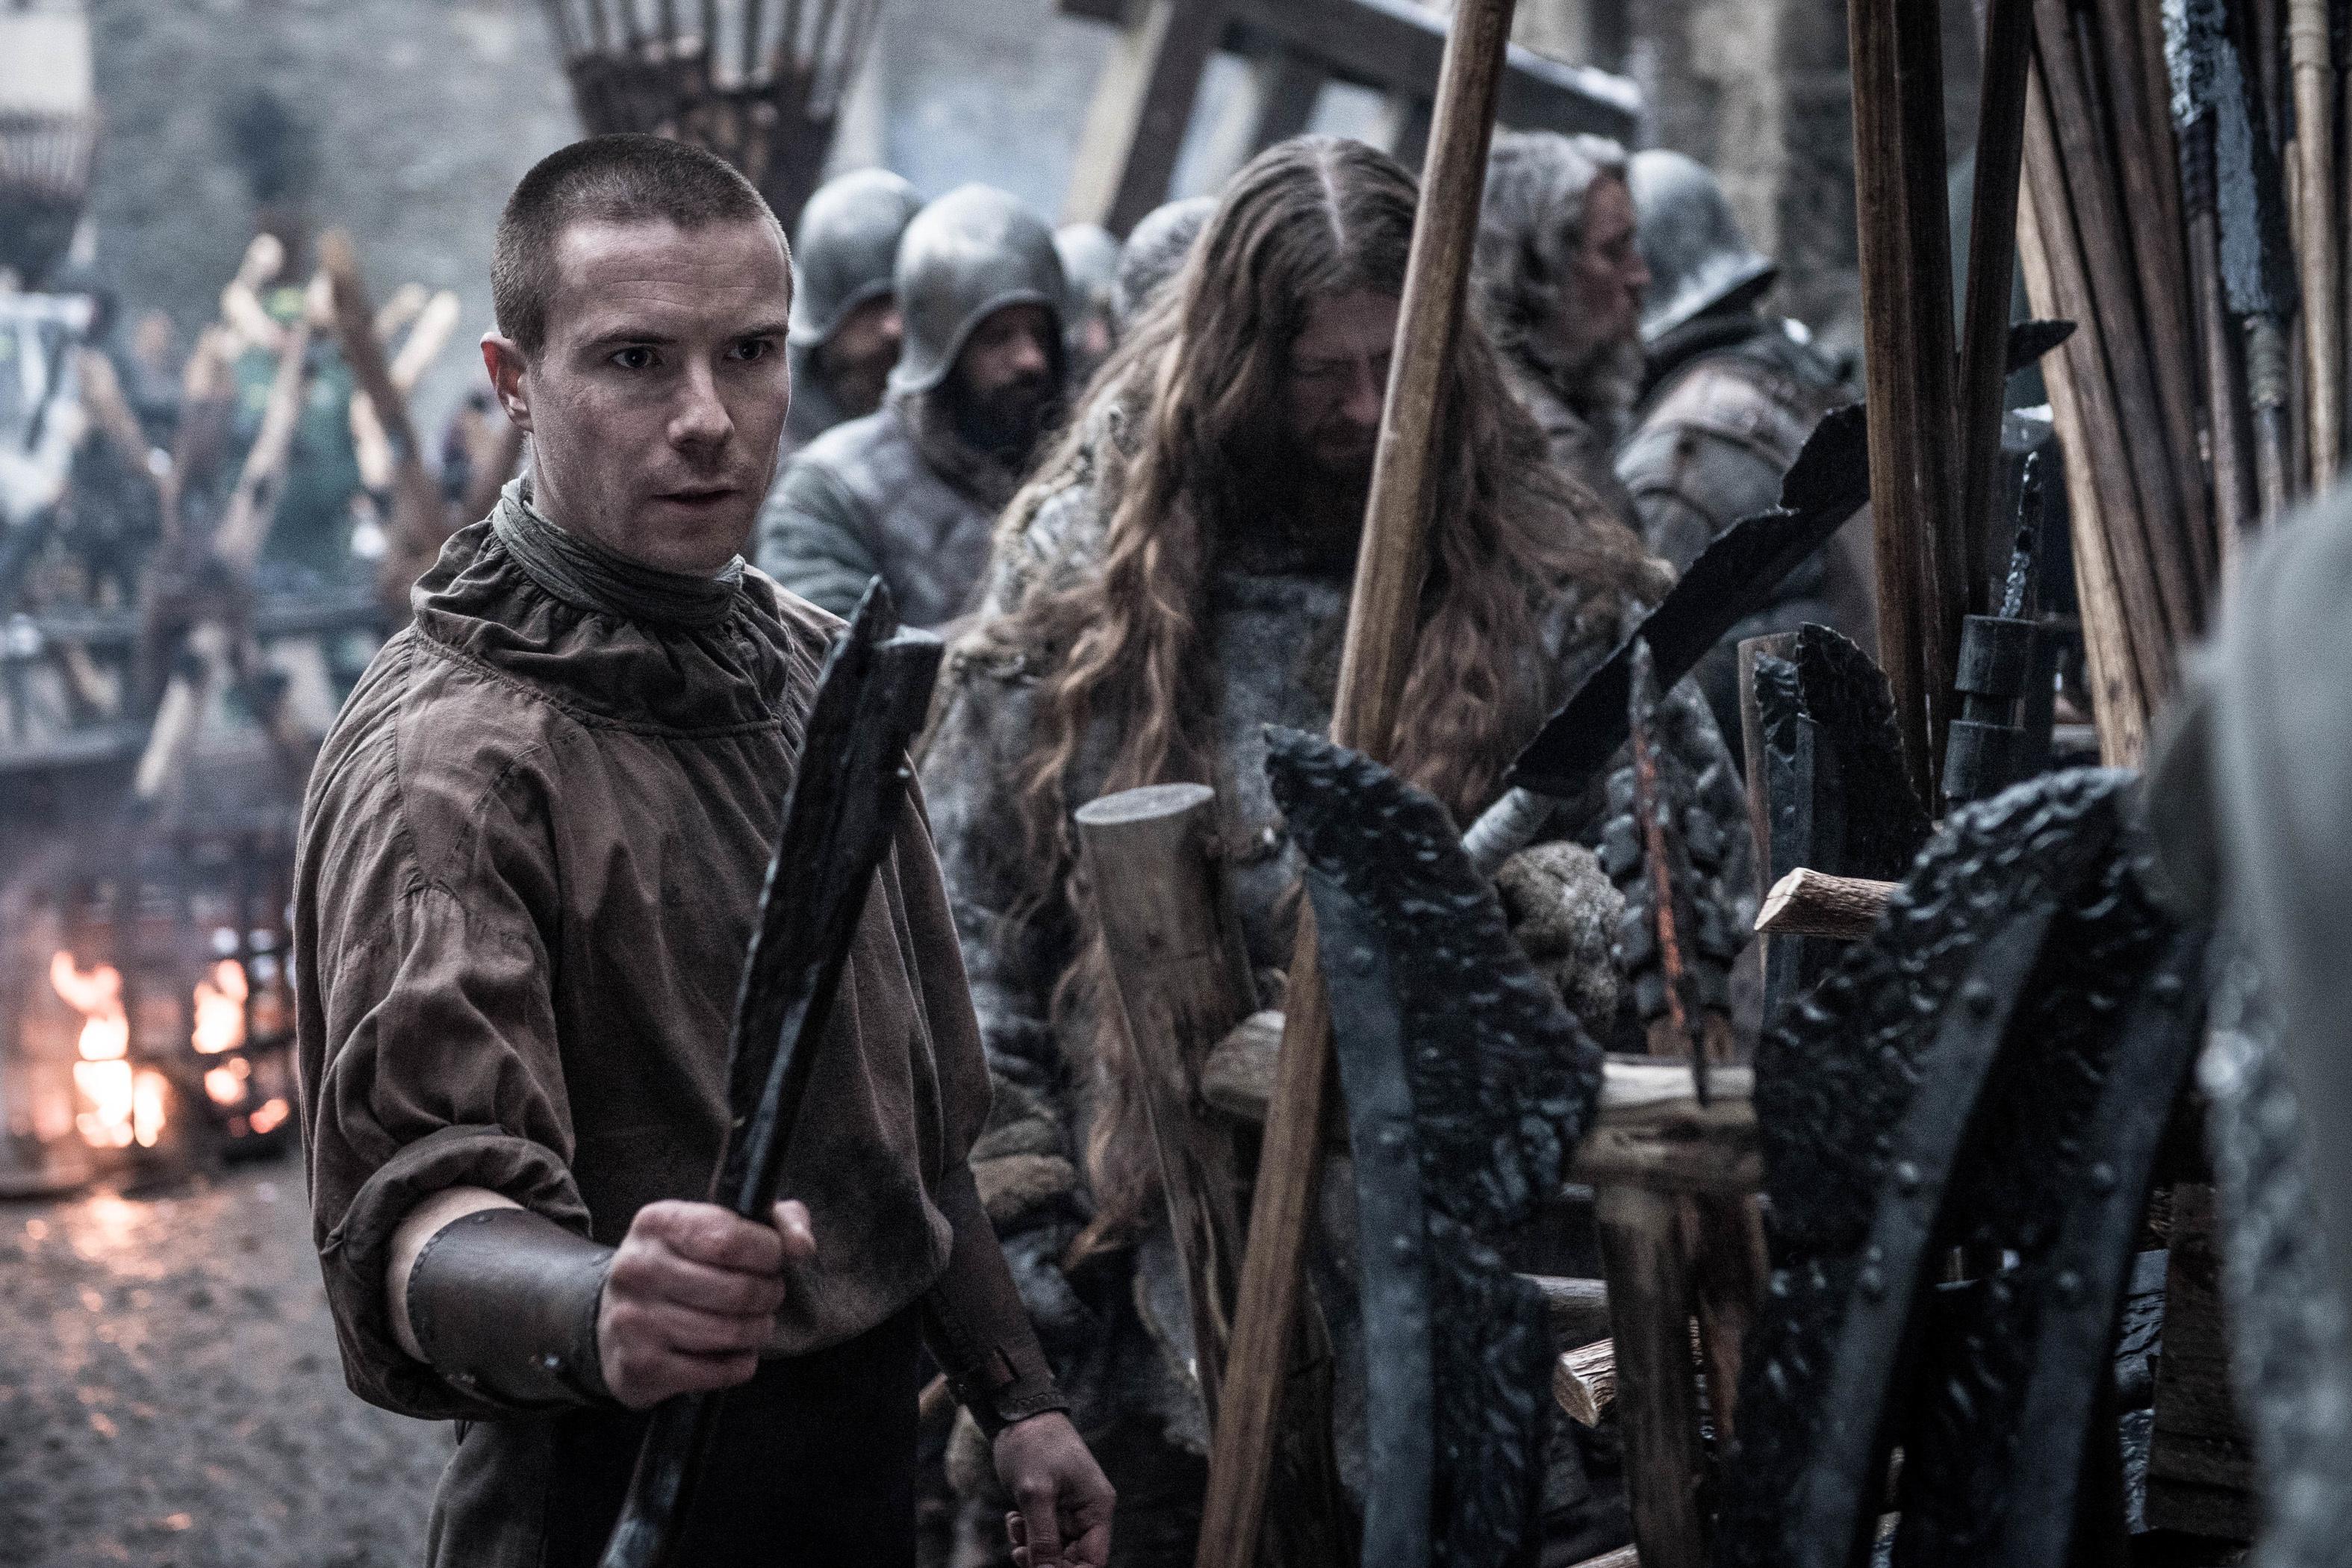 Joe Dempsie as Gendry.